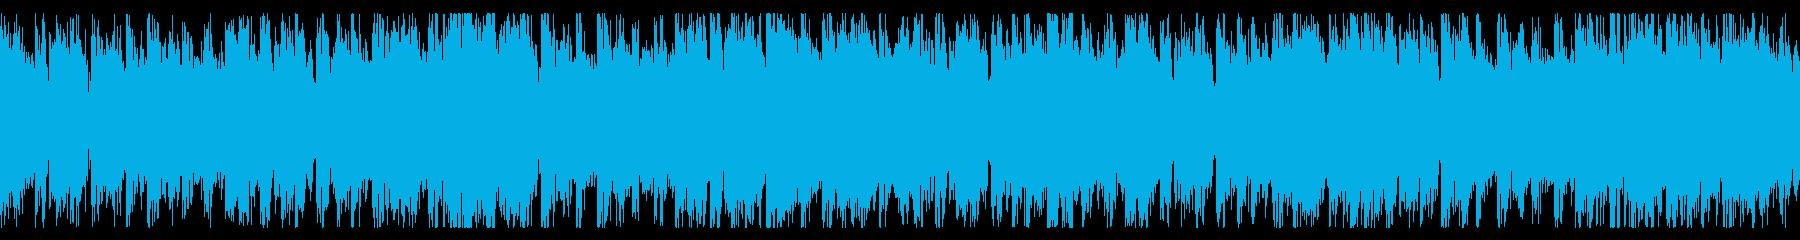 ダークで緊迫した感じのするBGMの再生済みの波形